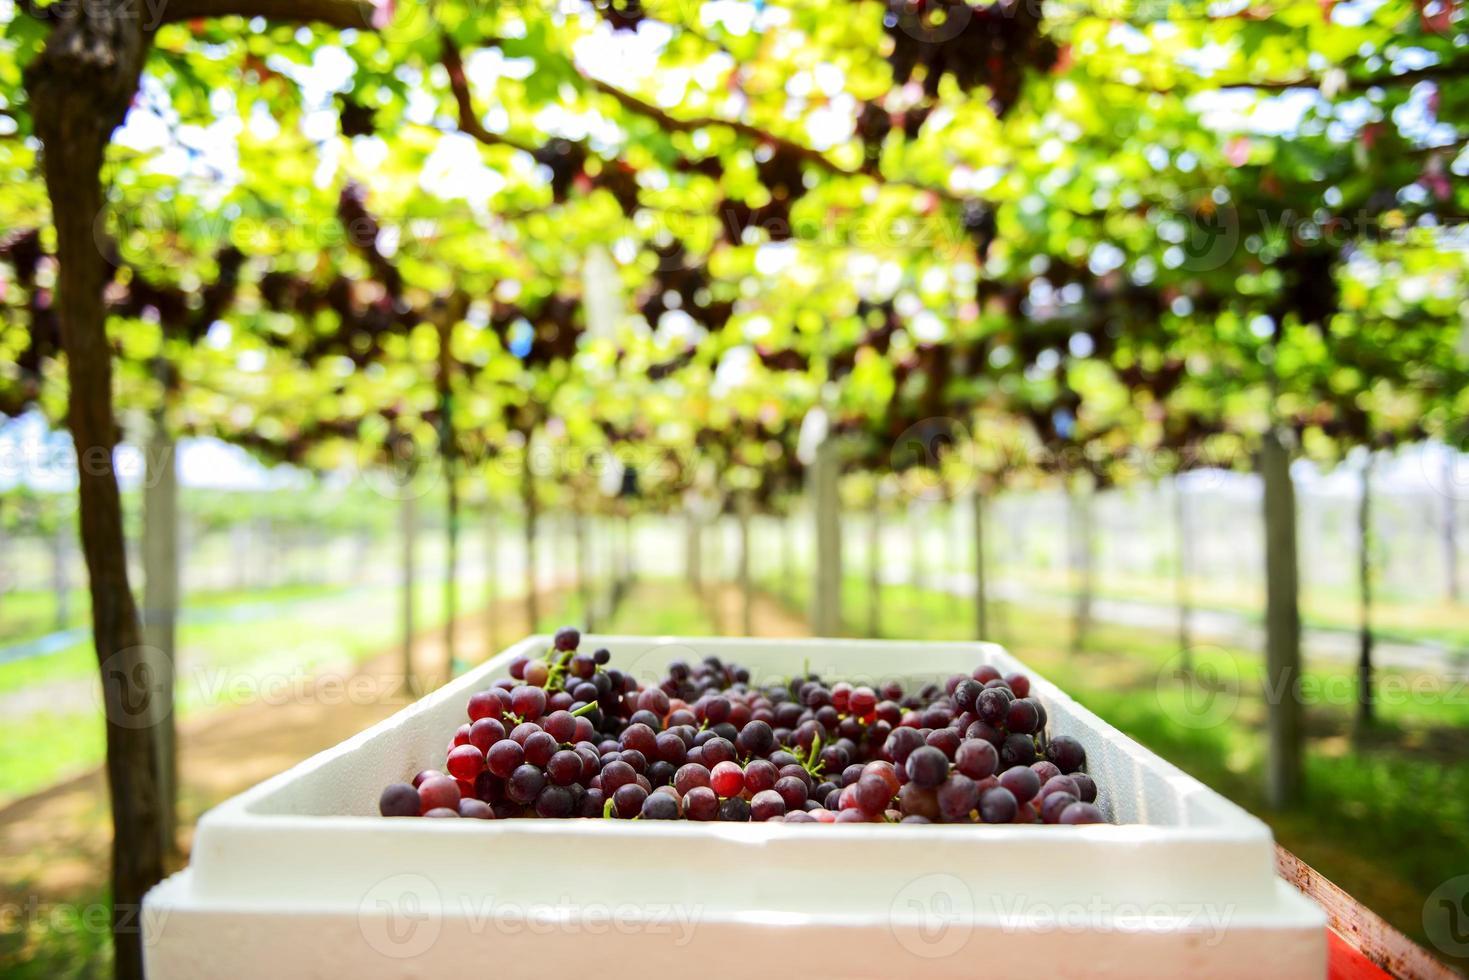 azienda agricola dell'uva tak, Tailandia foto